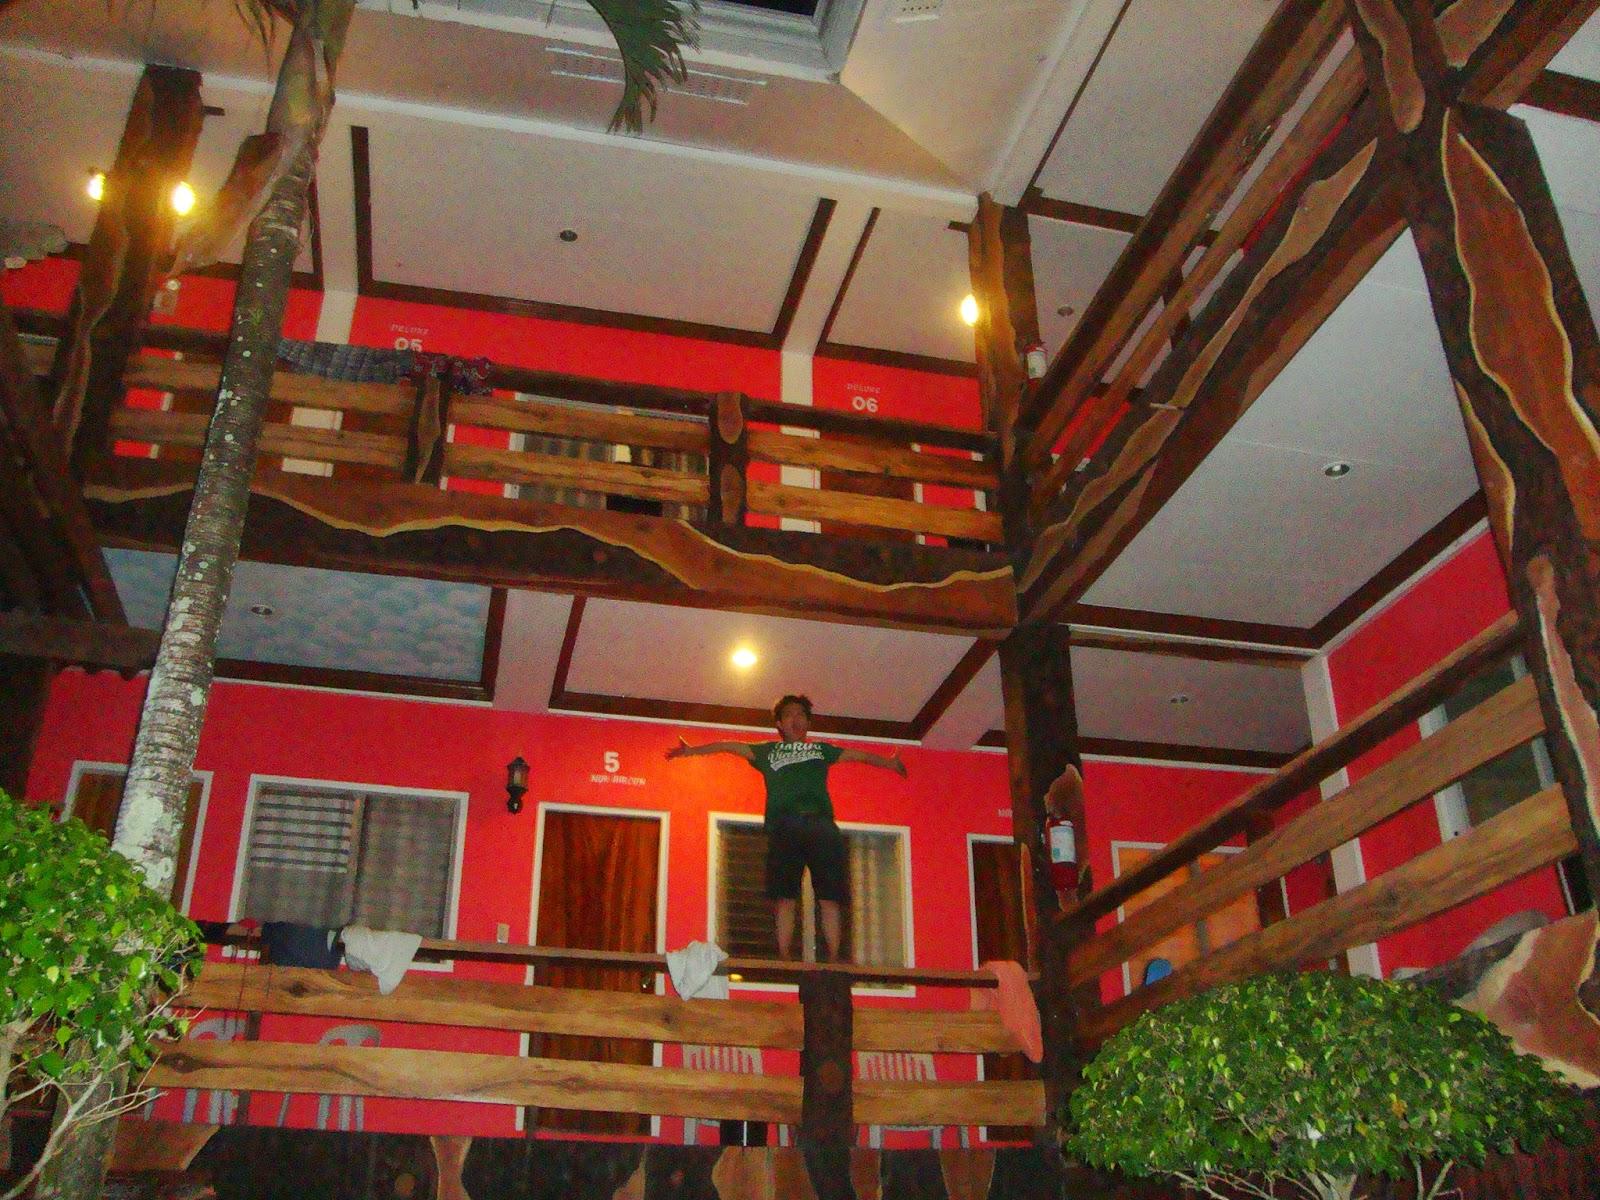 Garden By The Bay Aircon complexcities world: camotes islands: santiago bay garden resort